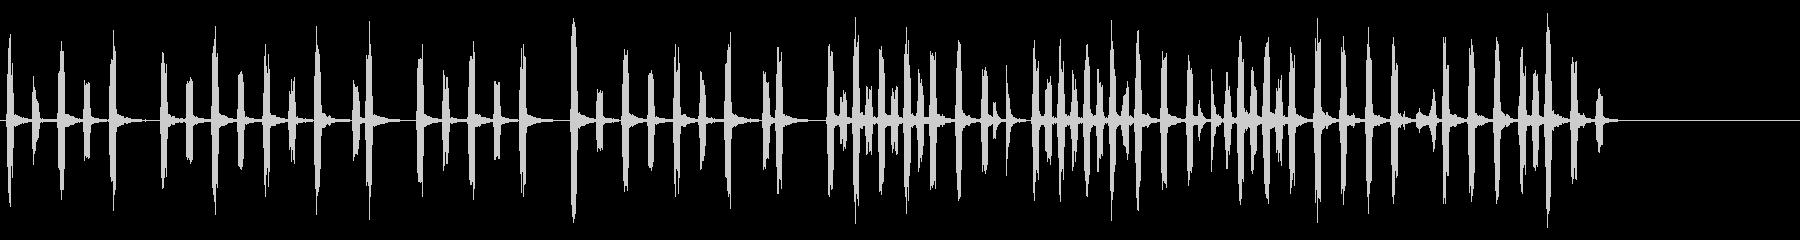 素朴で可愛い鍵盤ハーモニカの和やかな音楽の未再生の波形